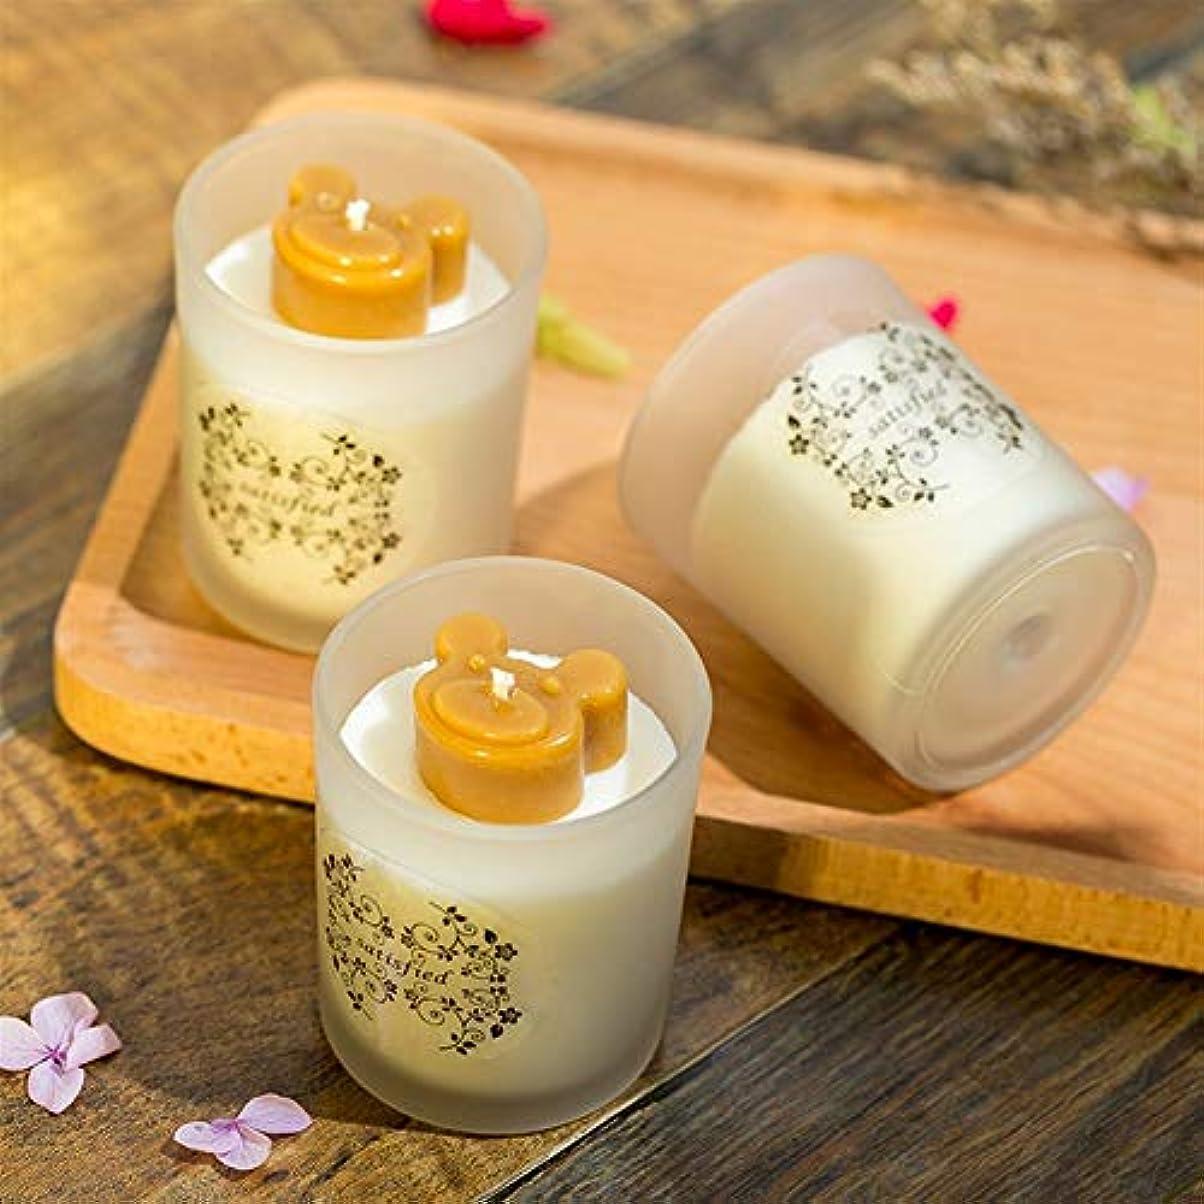 ビジョン真剣に収束するGuomao 曇らされたガラスボトル、小さなクマ、アロマセラピー、健康と長続き、香りキャンドル、オフィスの結婚式の装飾用品 (色 : Lavender)